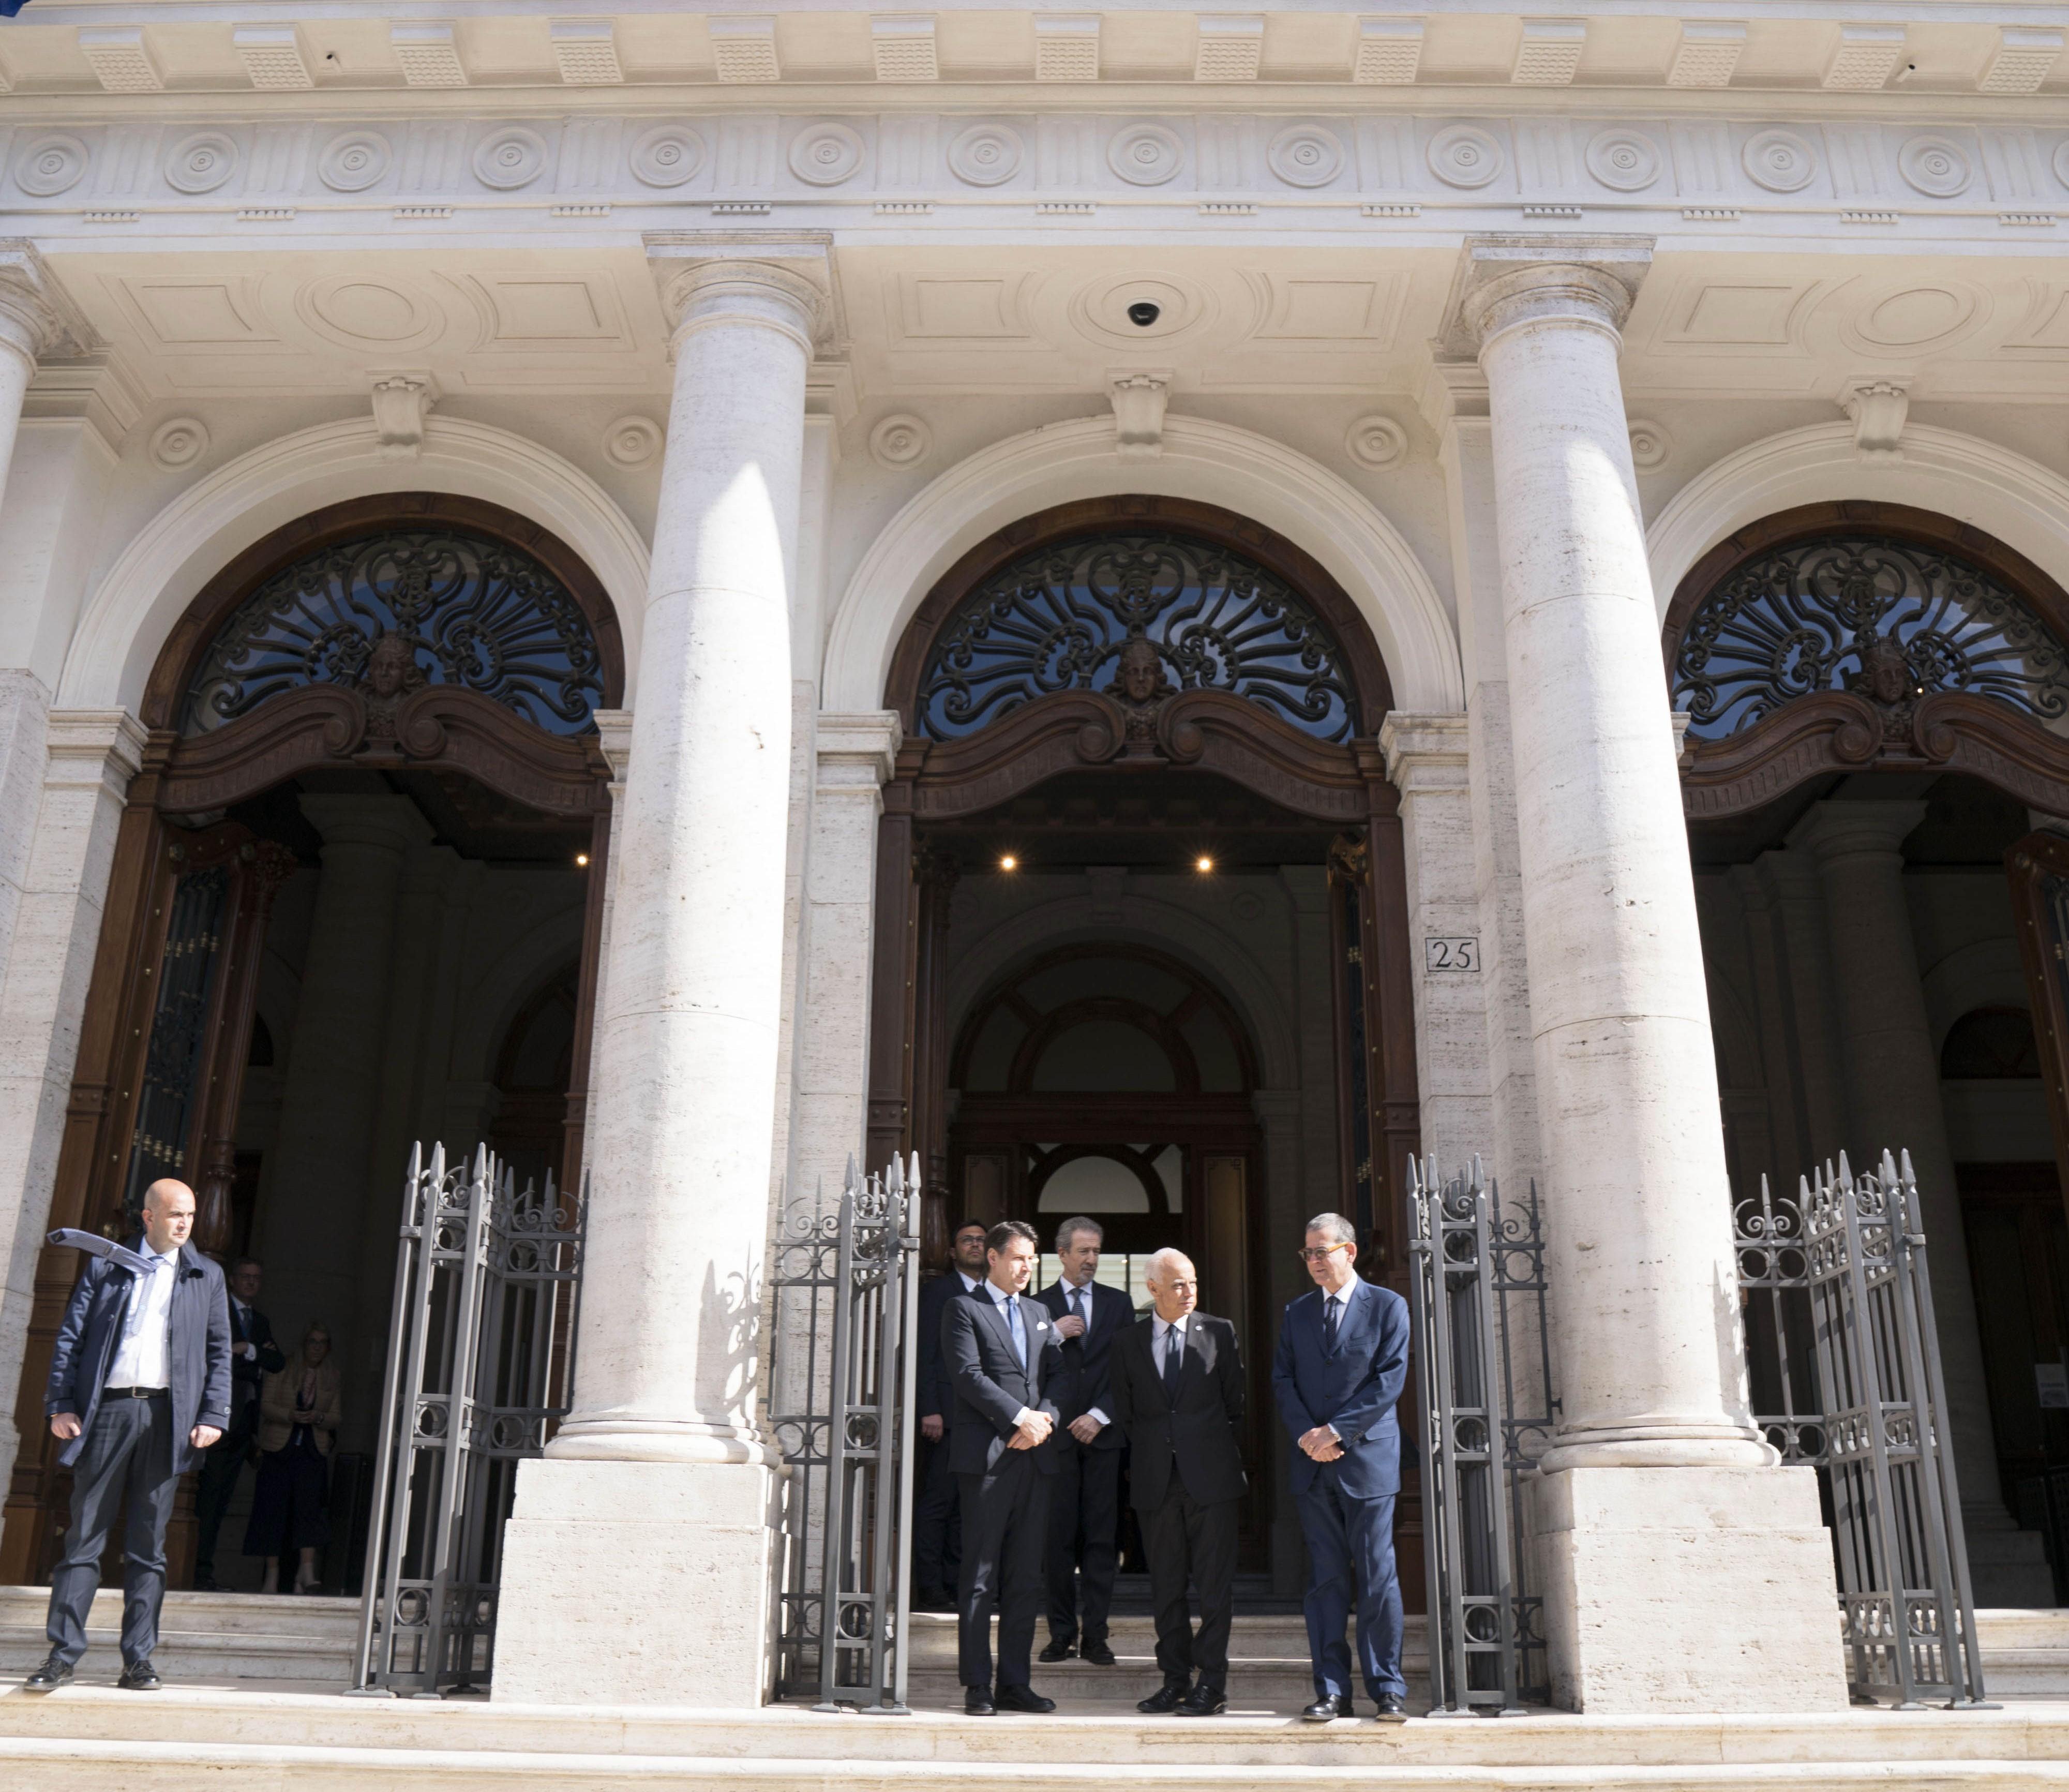 La nuova sede dell'Intelligence italiana in Piazza Dante a Roma